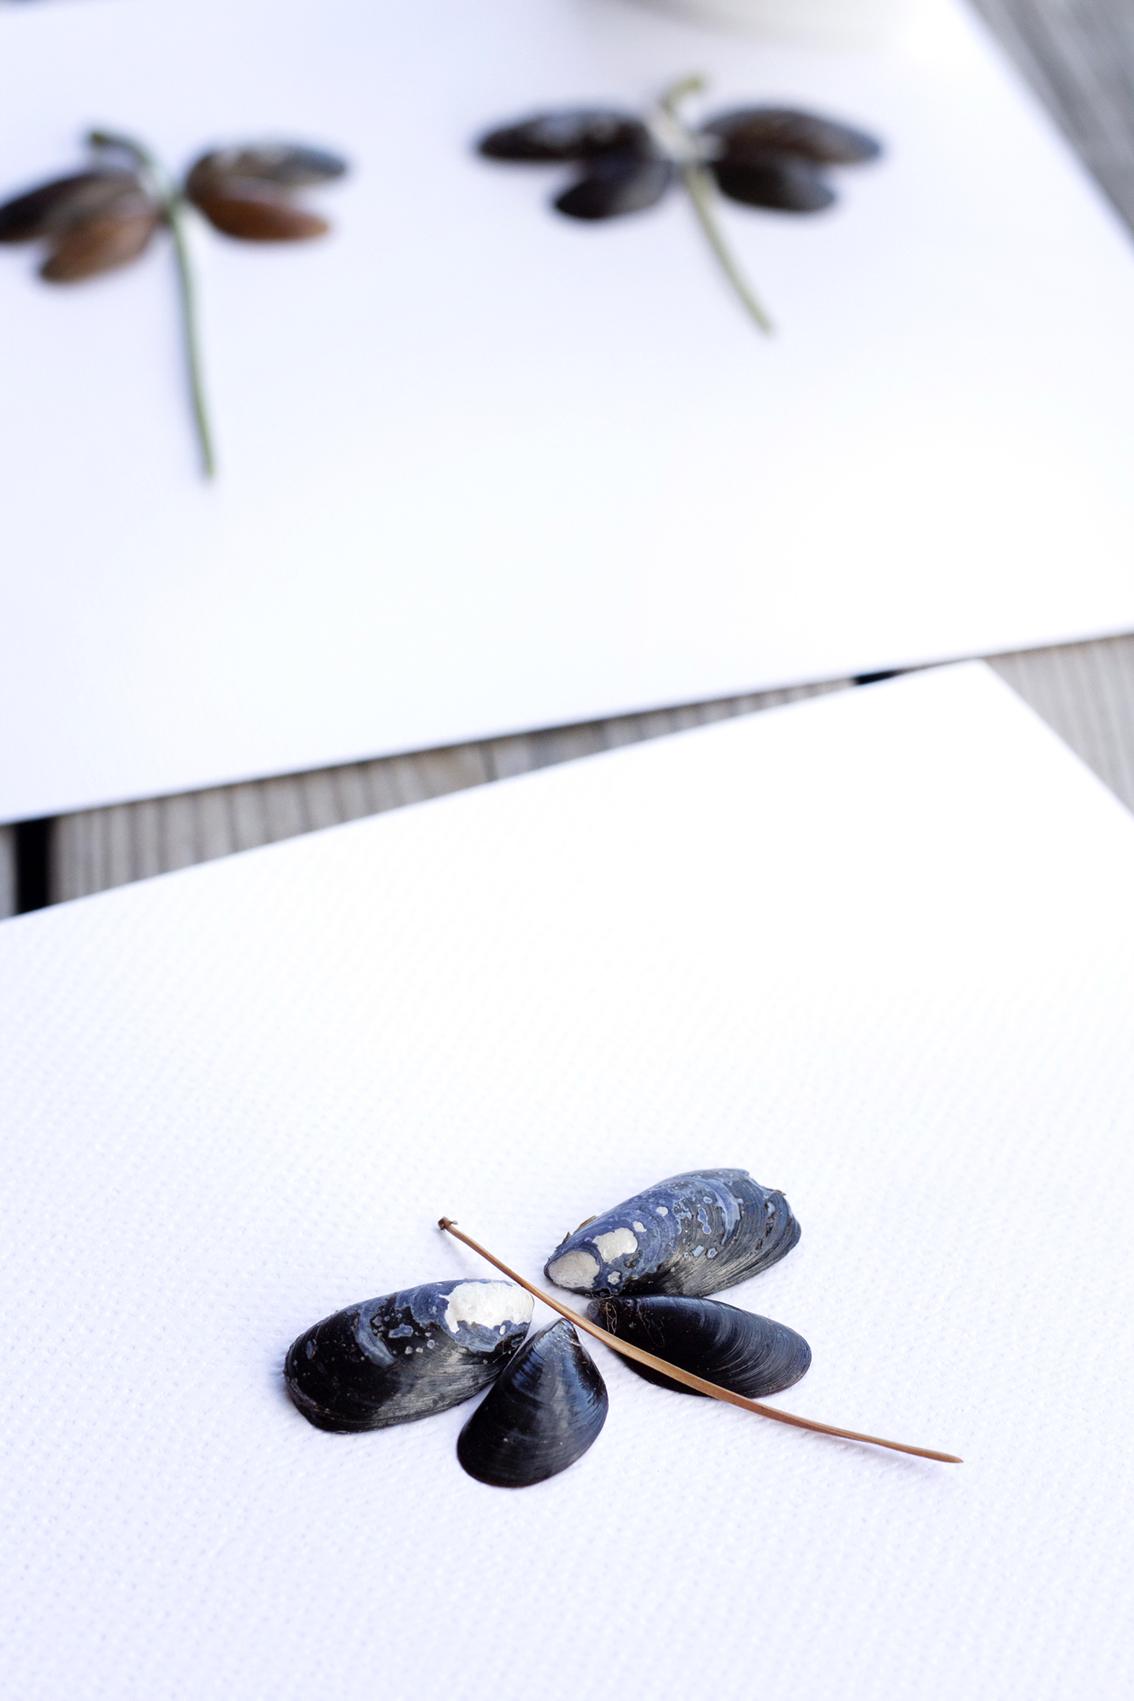 Konst av snäckor | Pysselbolaget